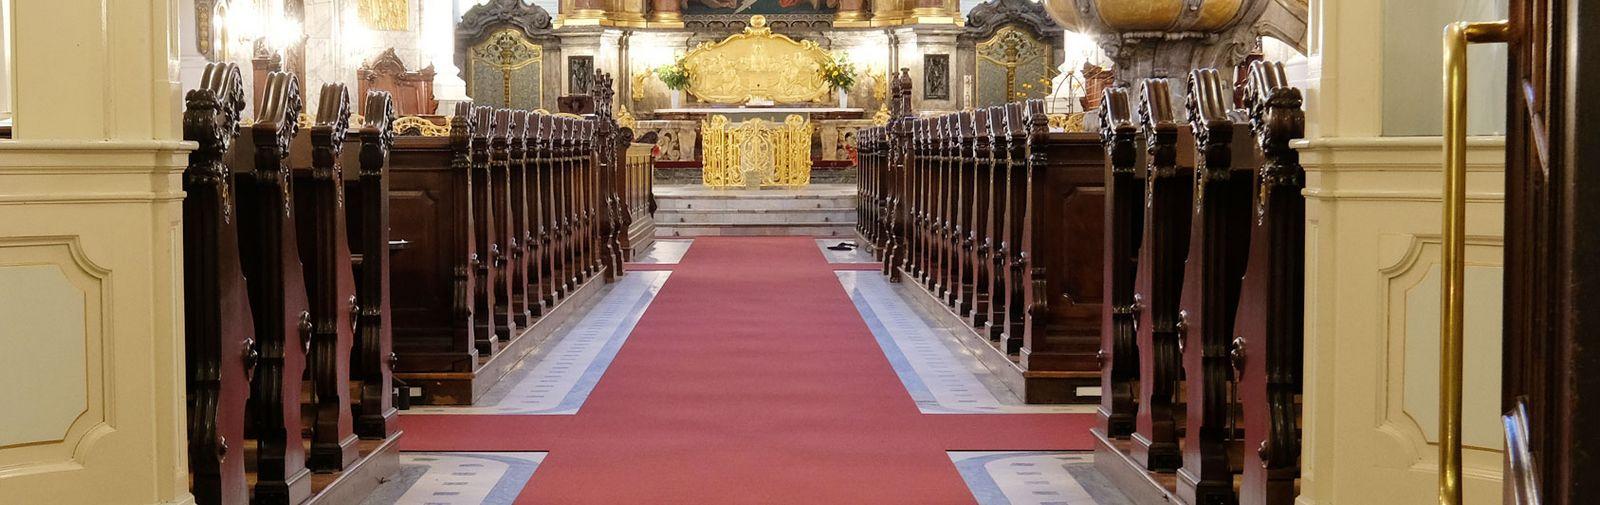 tapis d'église Perlon Rips Michel Hamburg